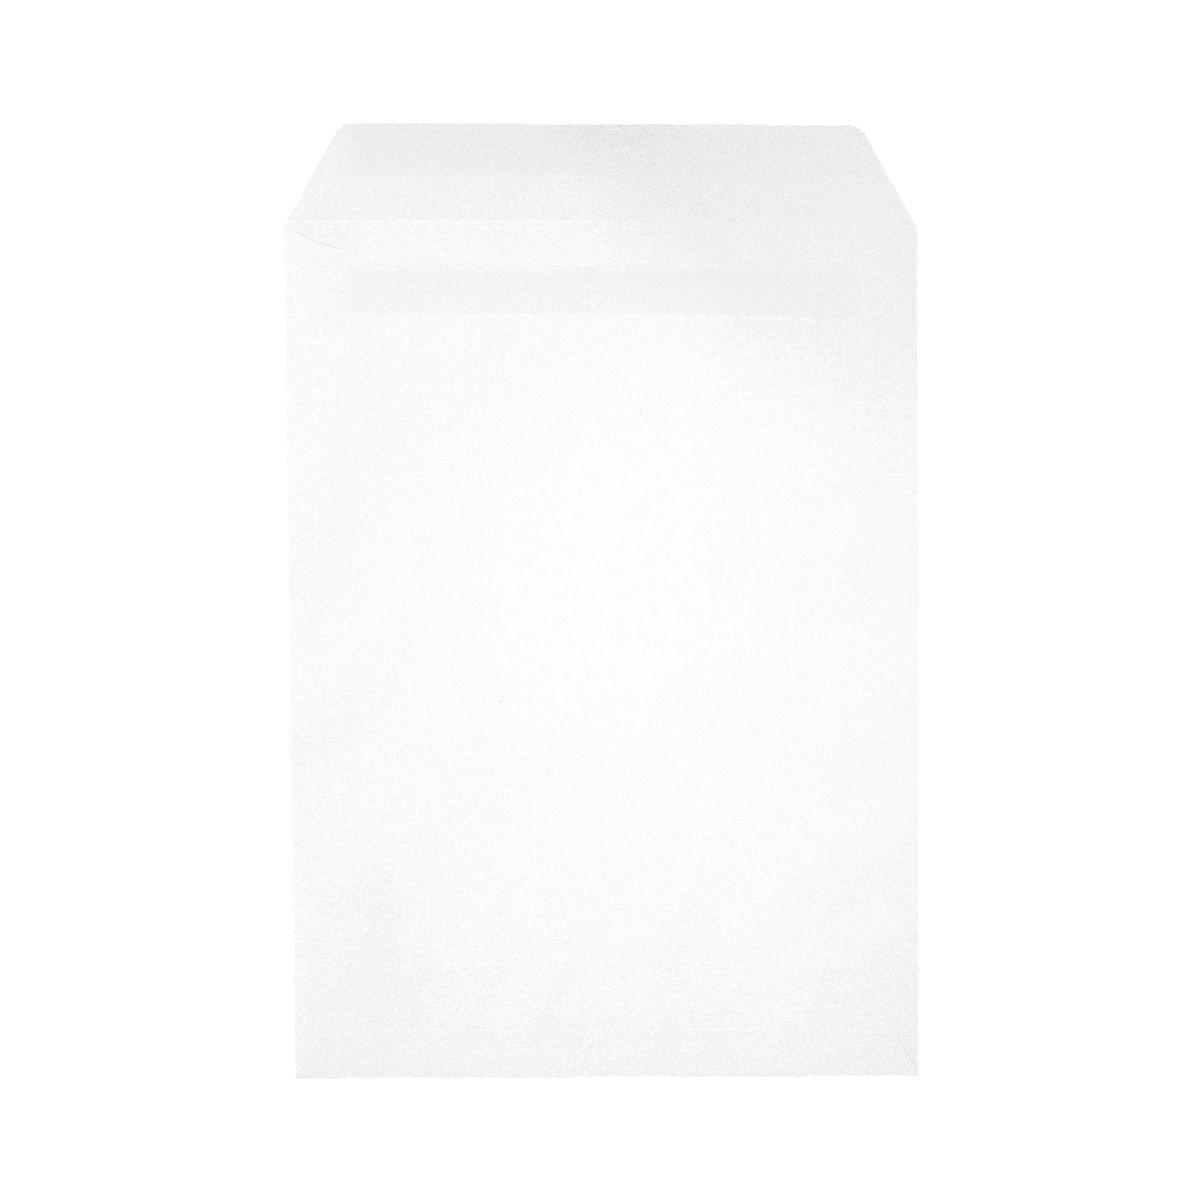 Recycling-Briefumschläge C4 ohne Fenster mit Selbstklebung